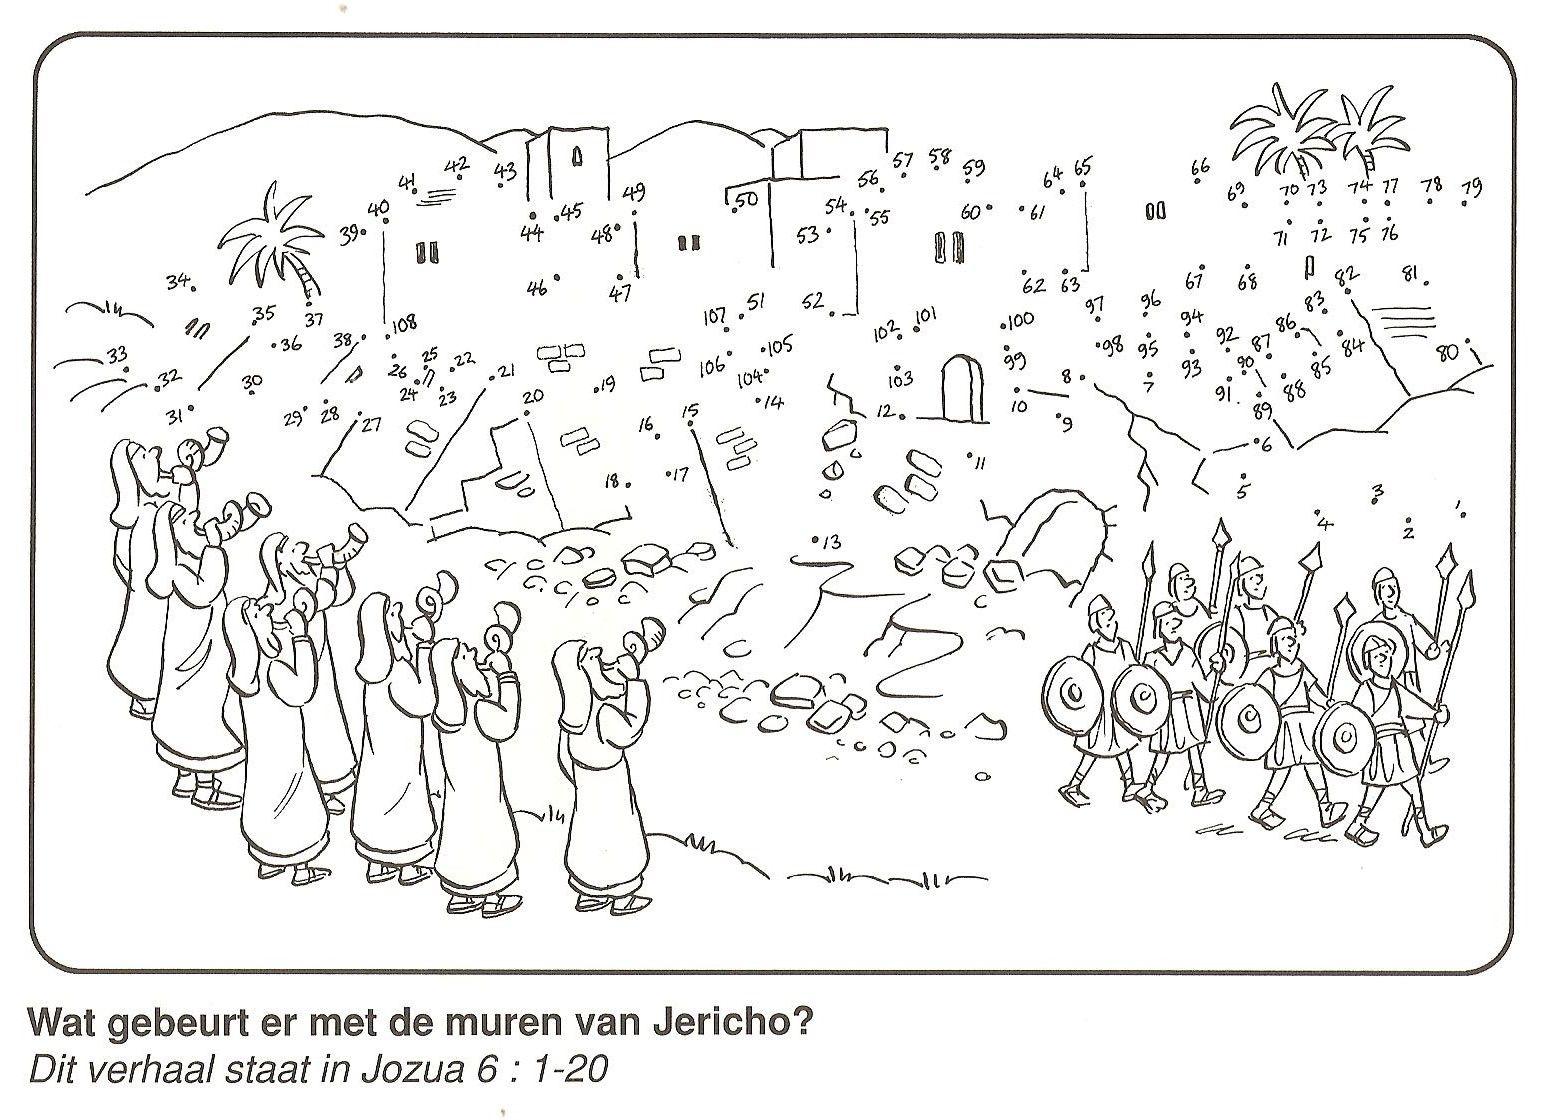 De muren van jericho van stip naar stip bijbelse knutselwerkjes